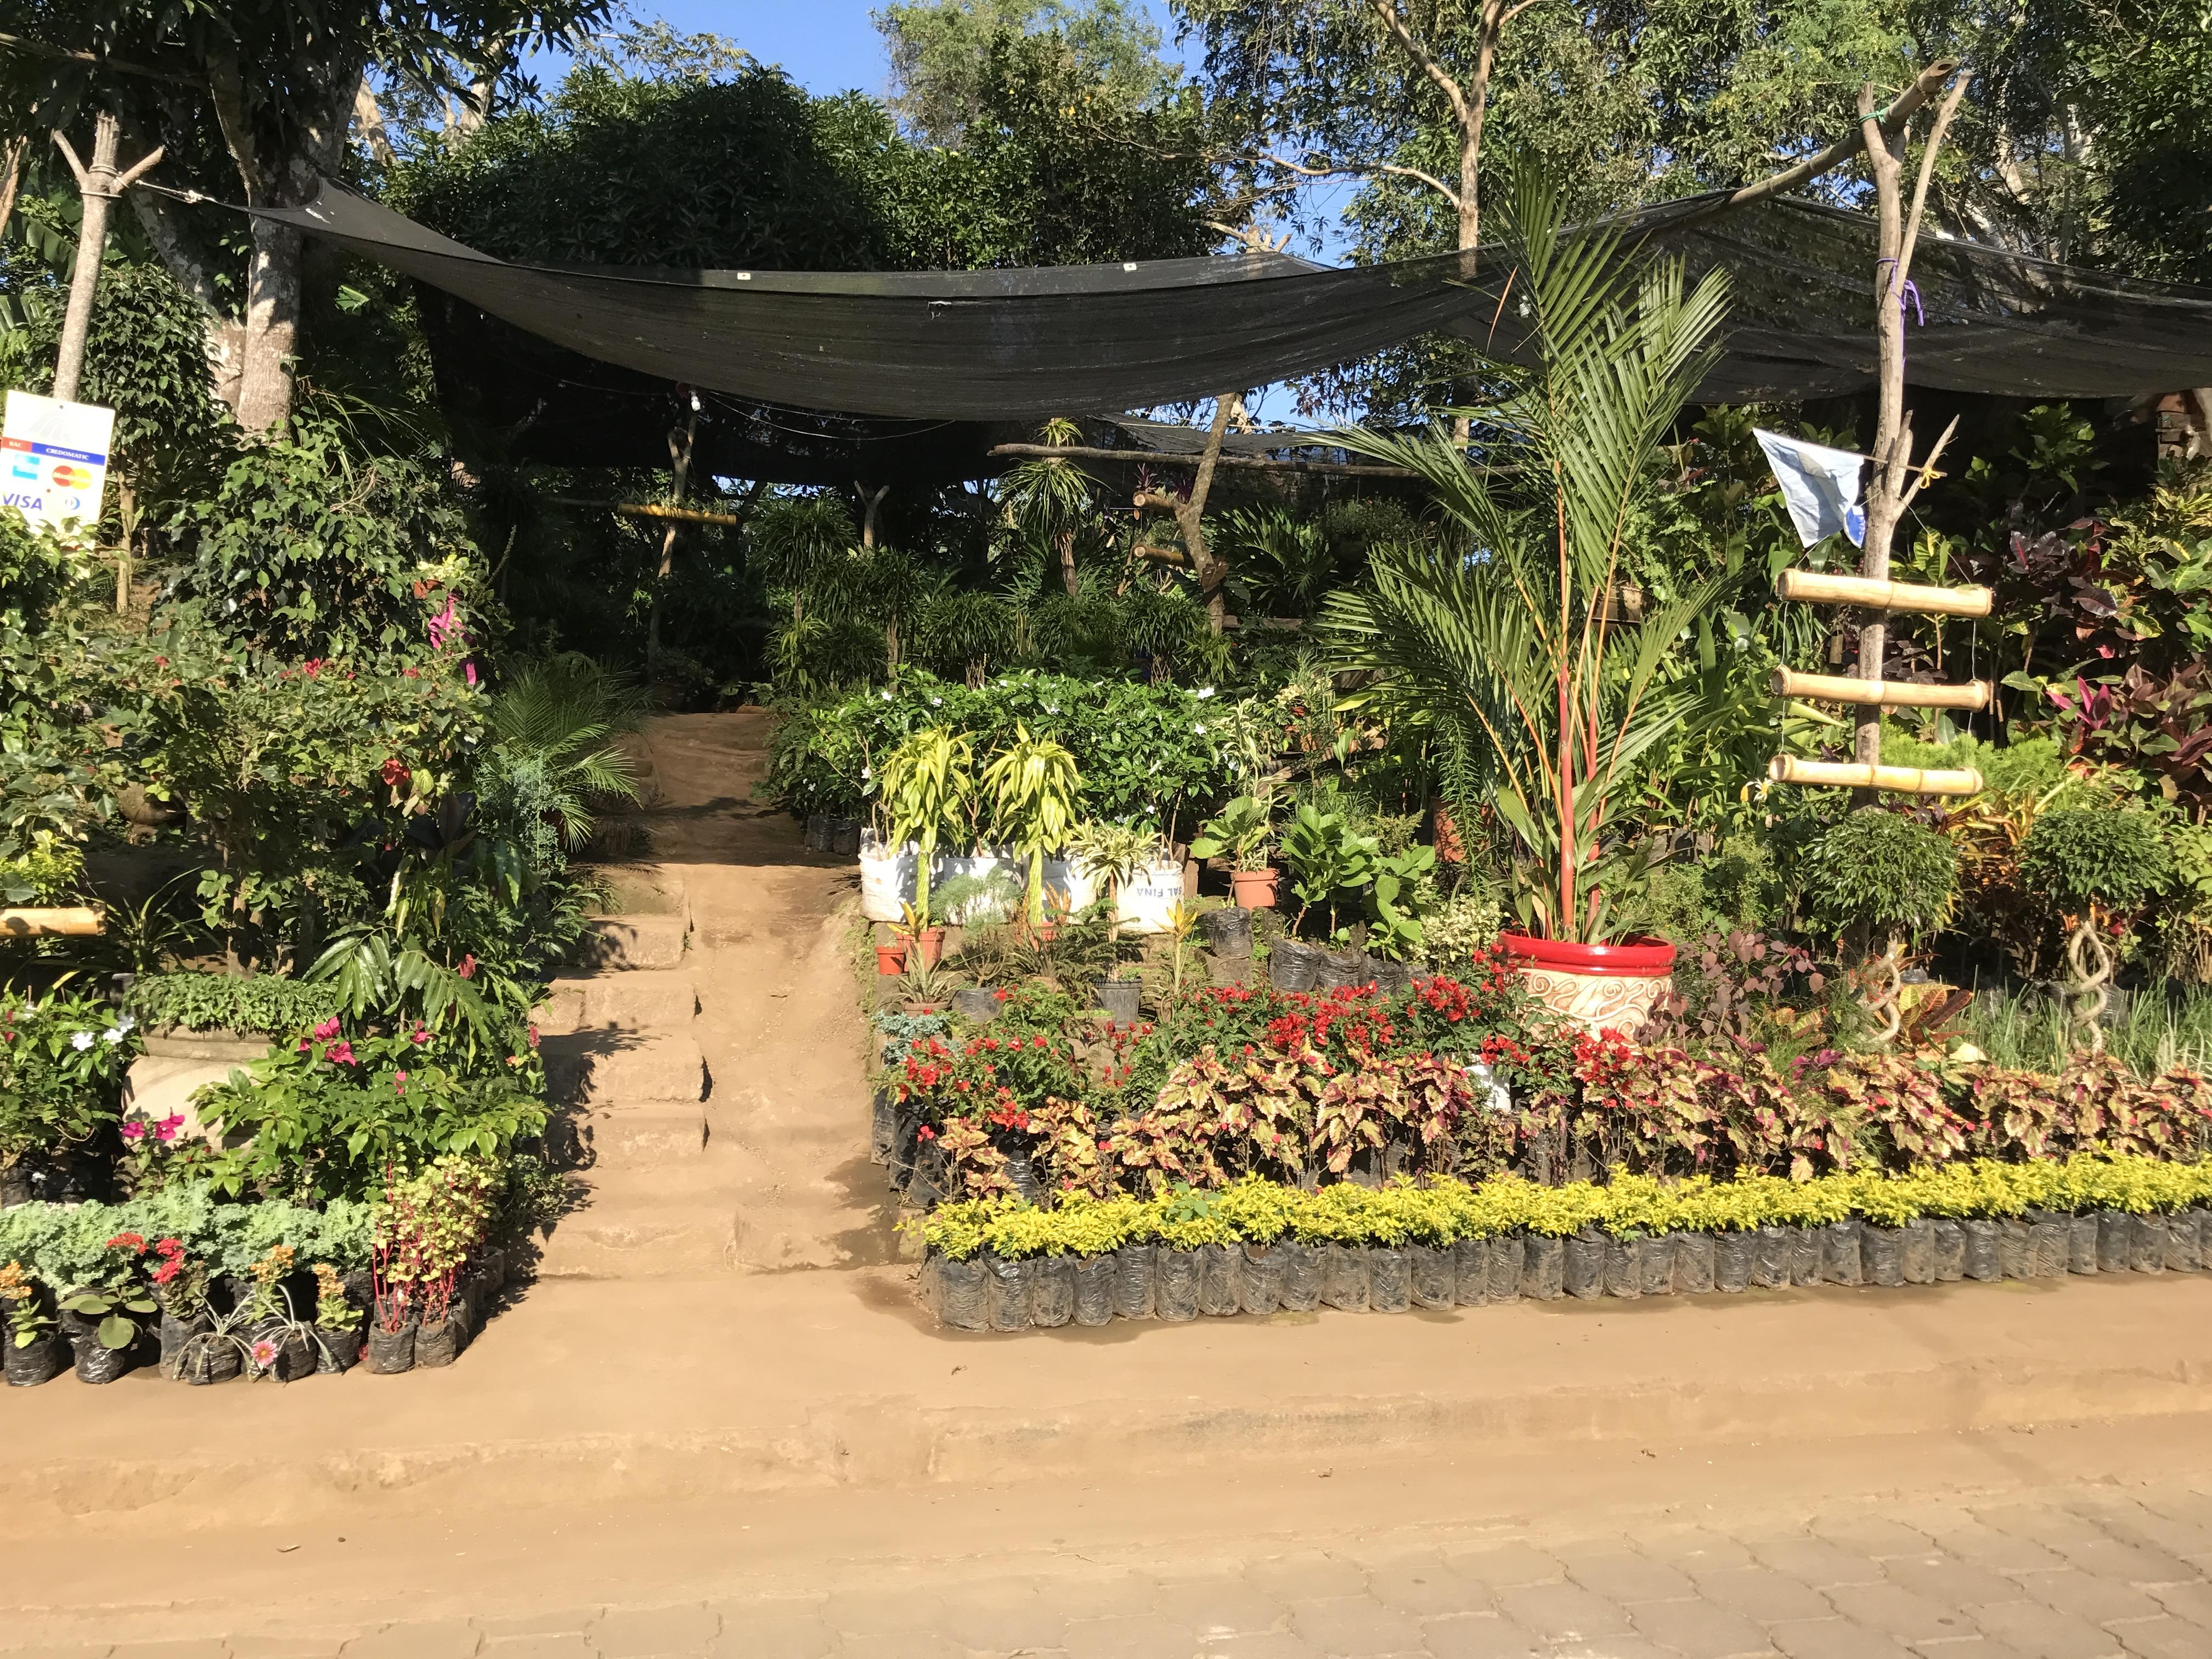 ¿Dónde encontrar viveros en Nicaragua?